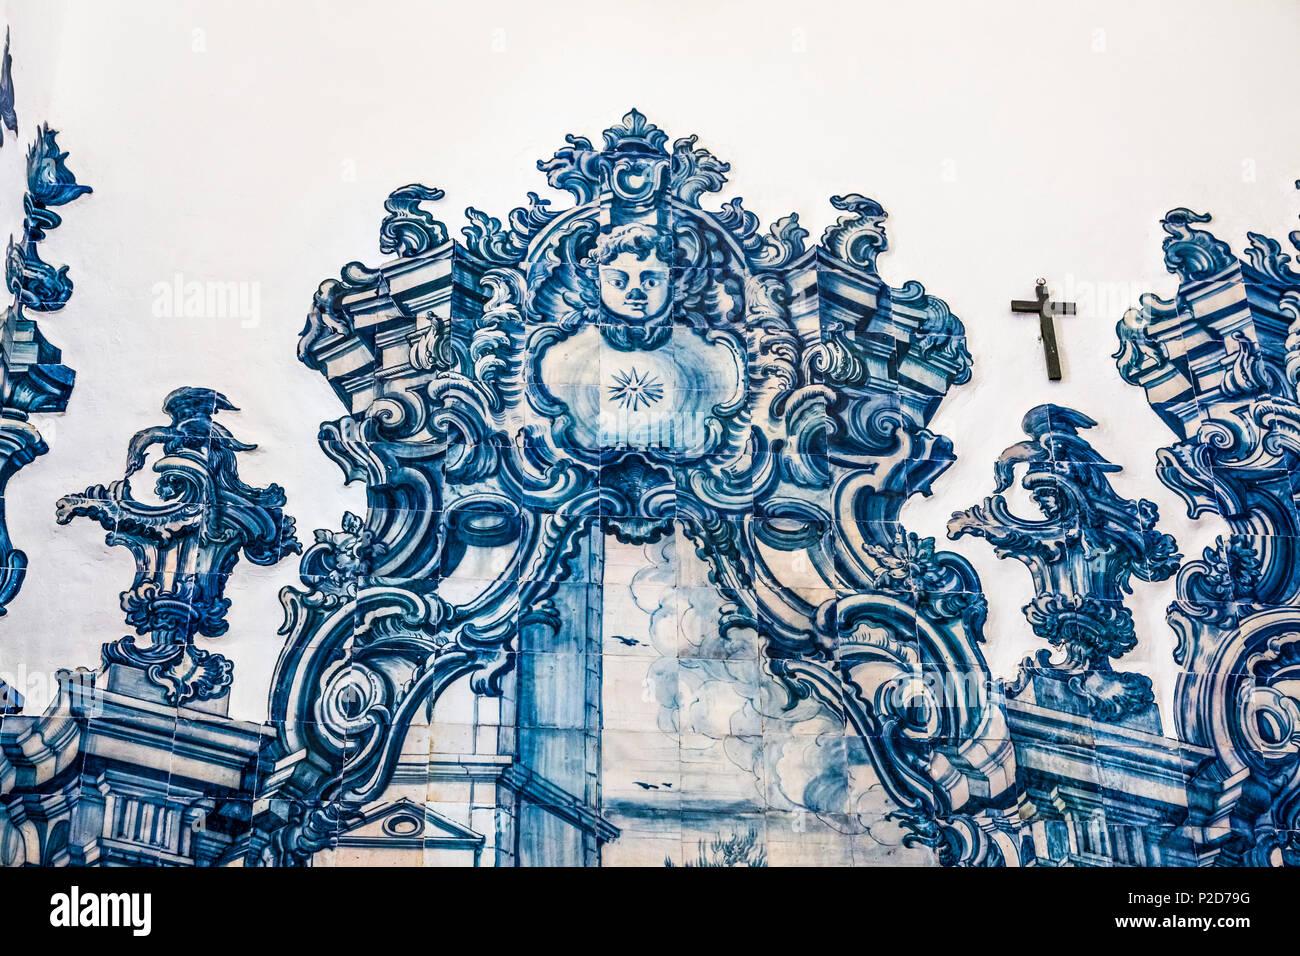 Tiles Azulejos in the church Igreja da Misericordia, Tavira, Algarve, Portugal - Stock Image